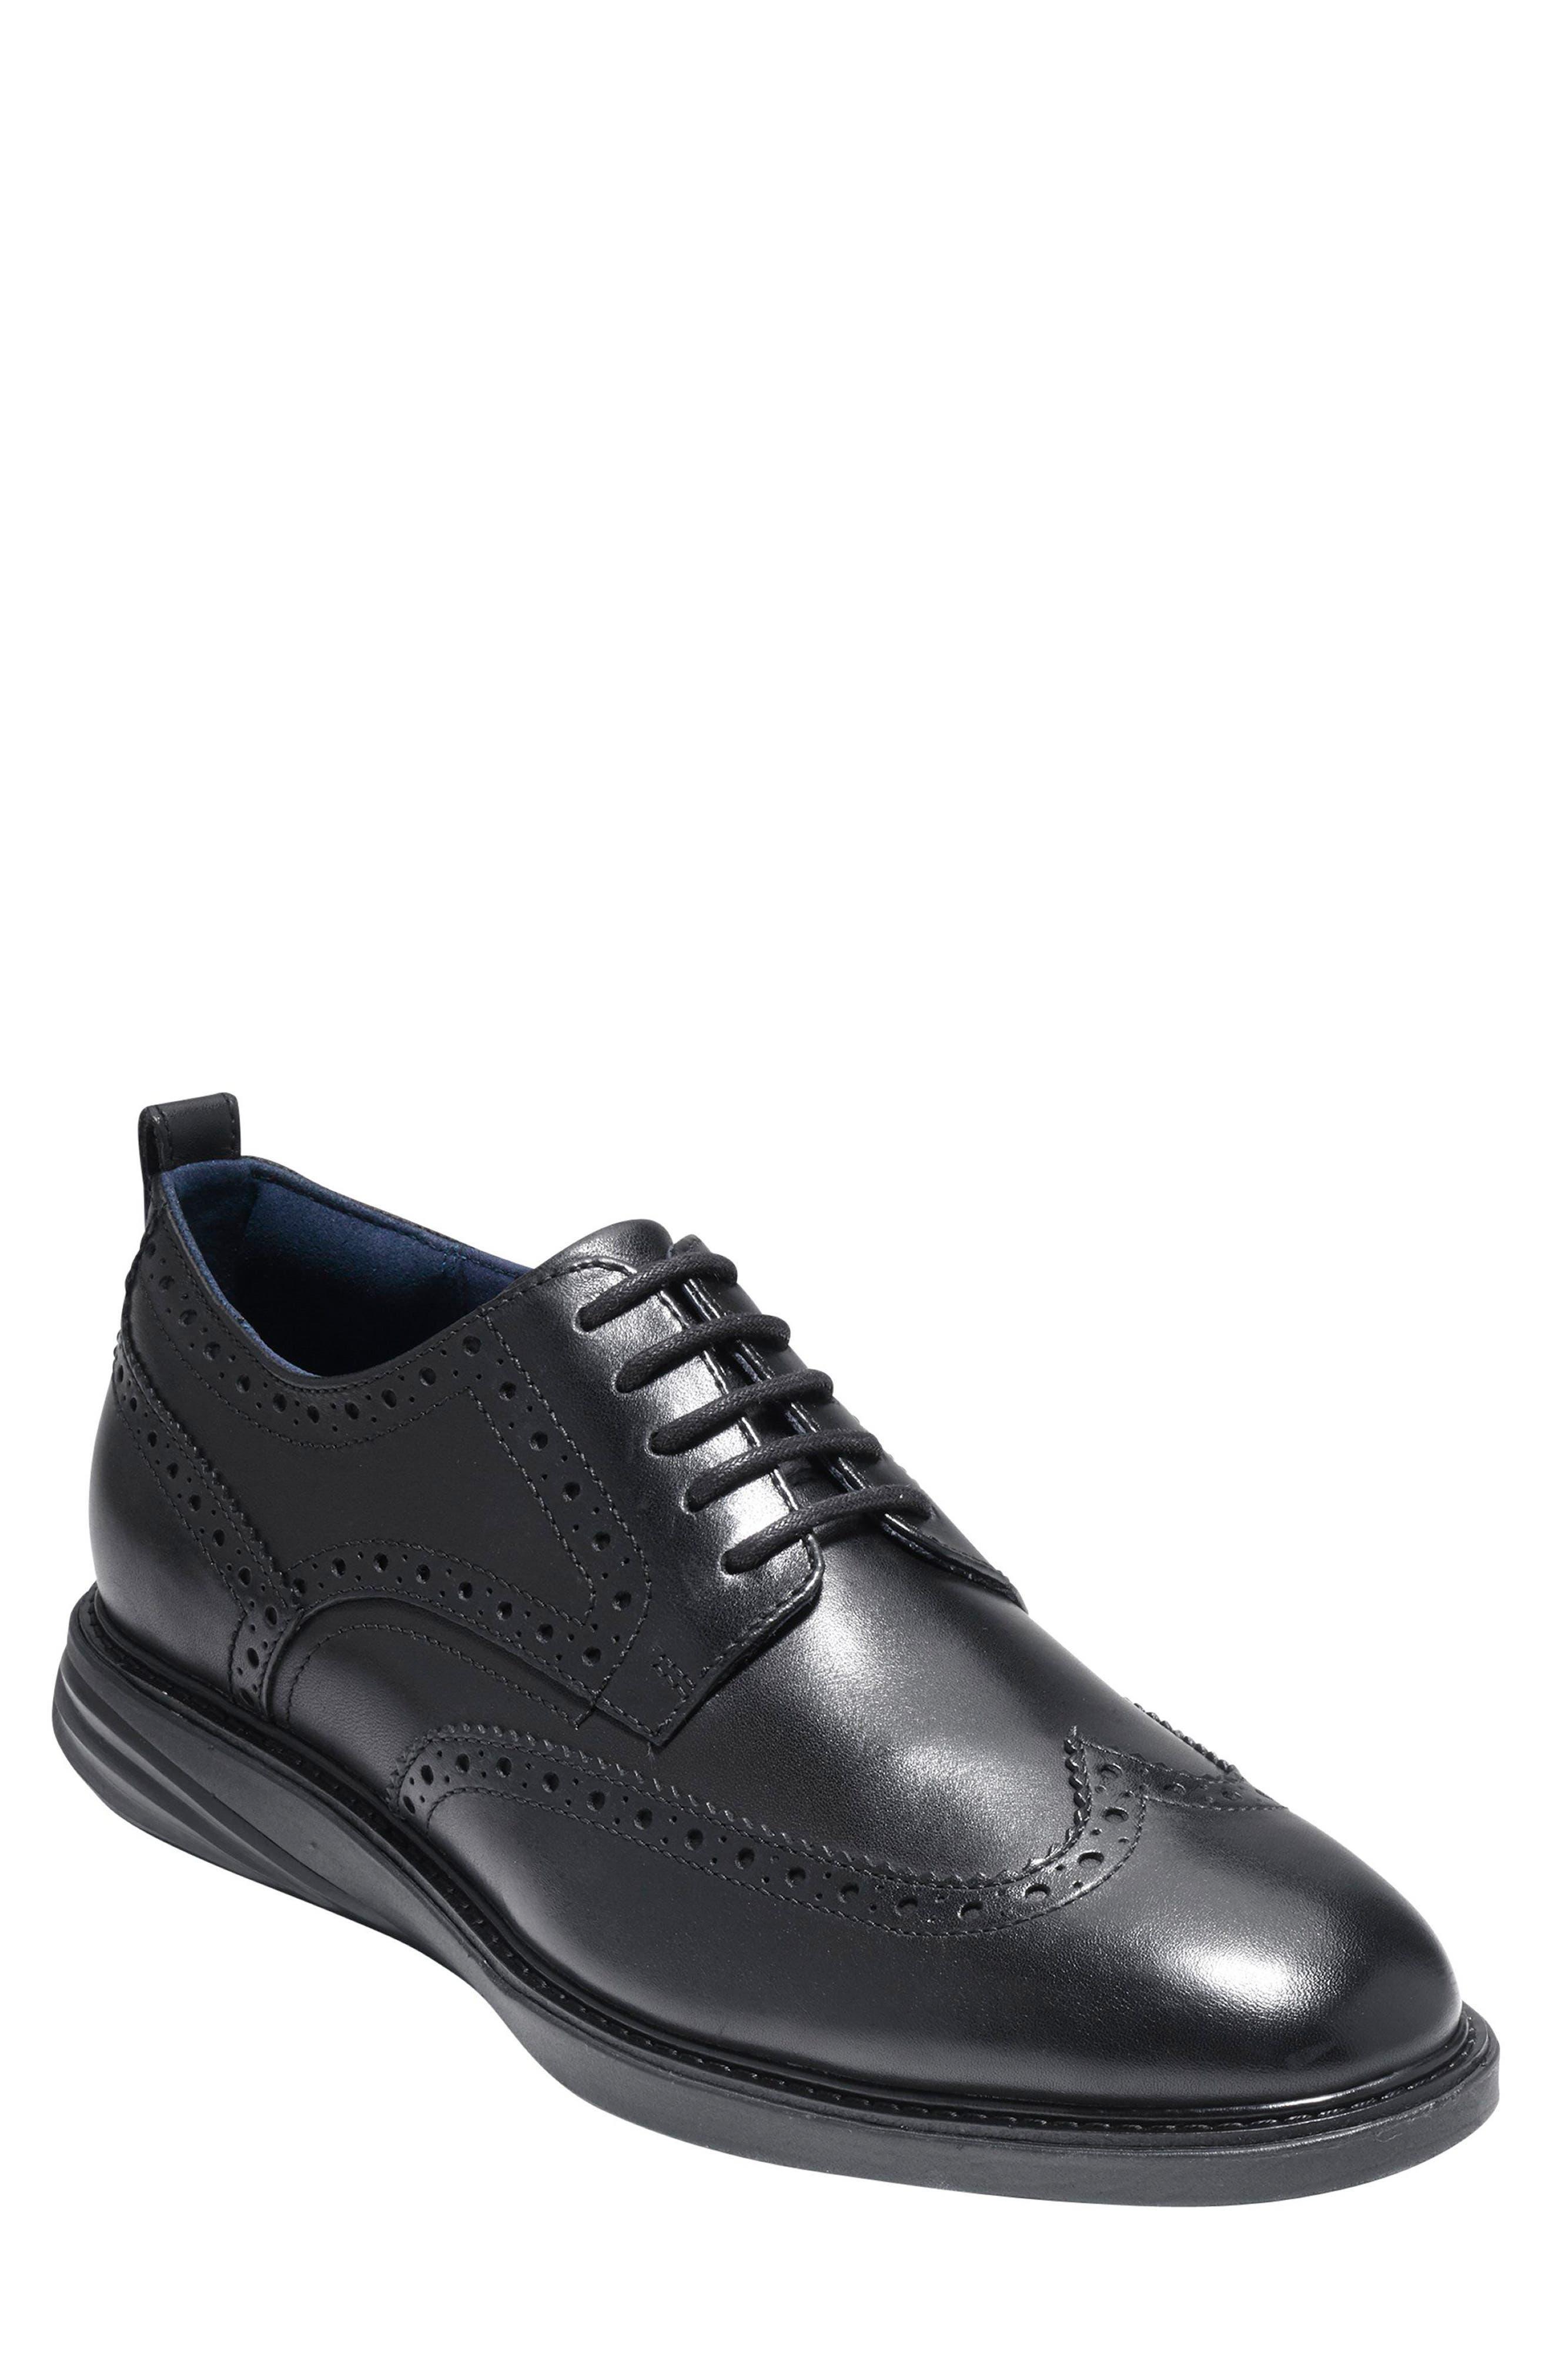 GrandEvølution Wingtip Derby,                         Main,                         color, Black Leather